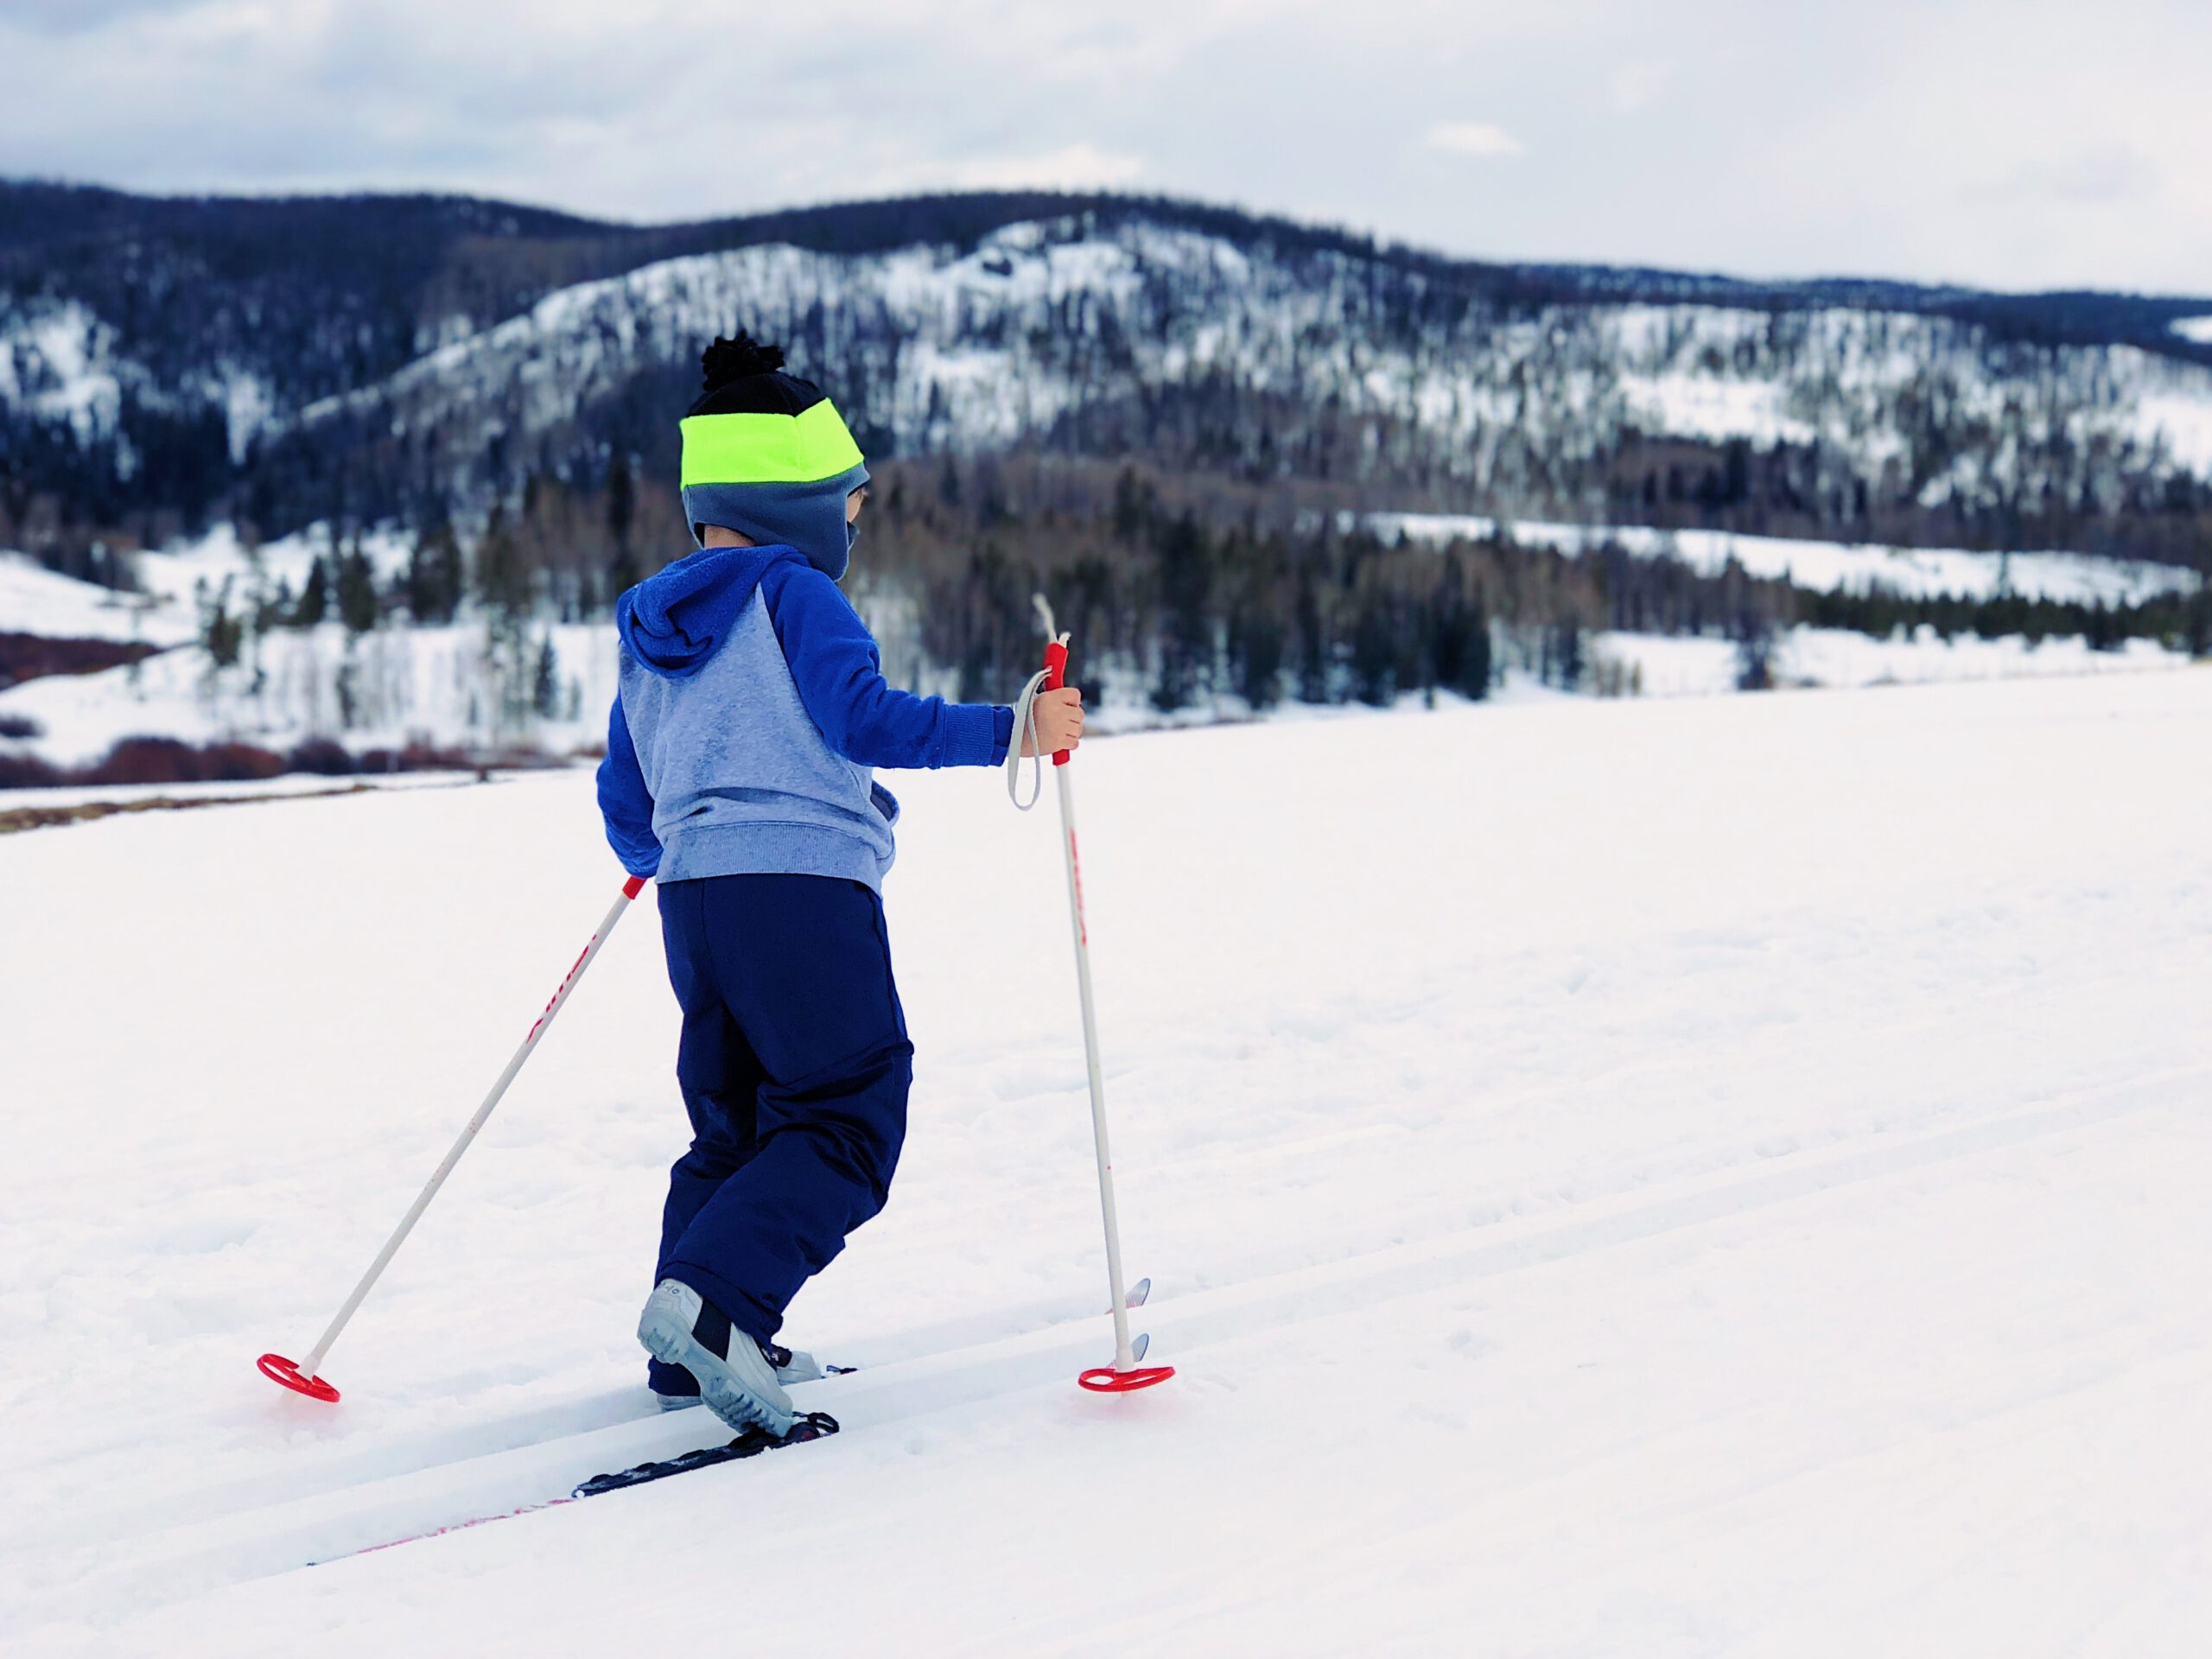 Buty narciarskie dla dziecka – o czym trzeba pamiętać?